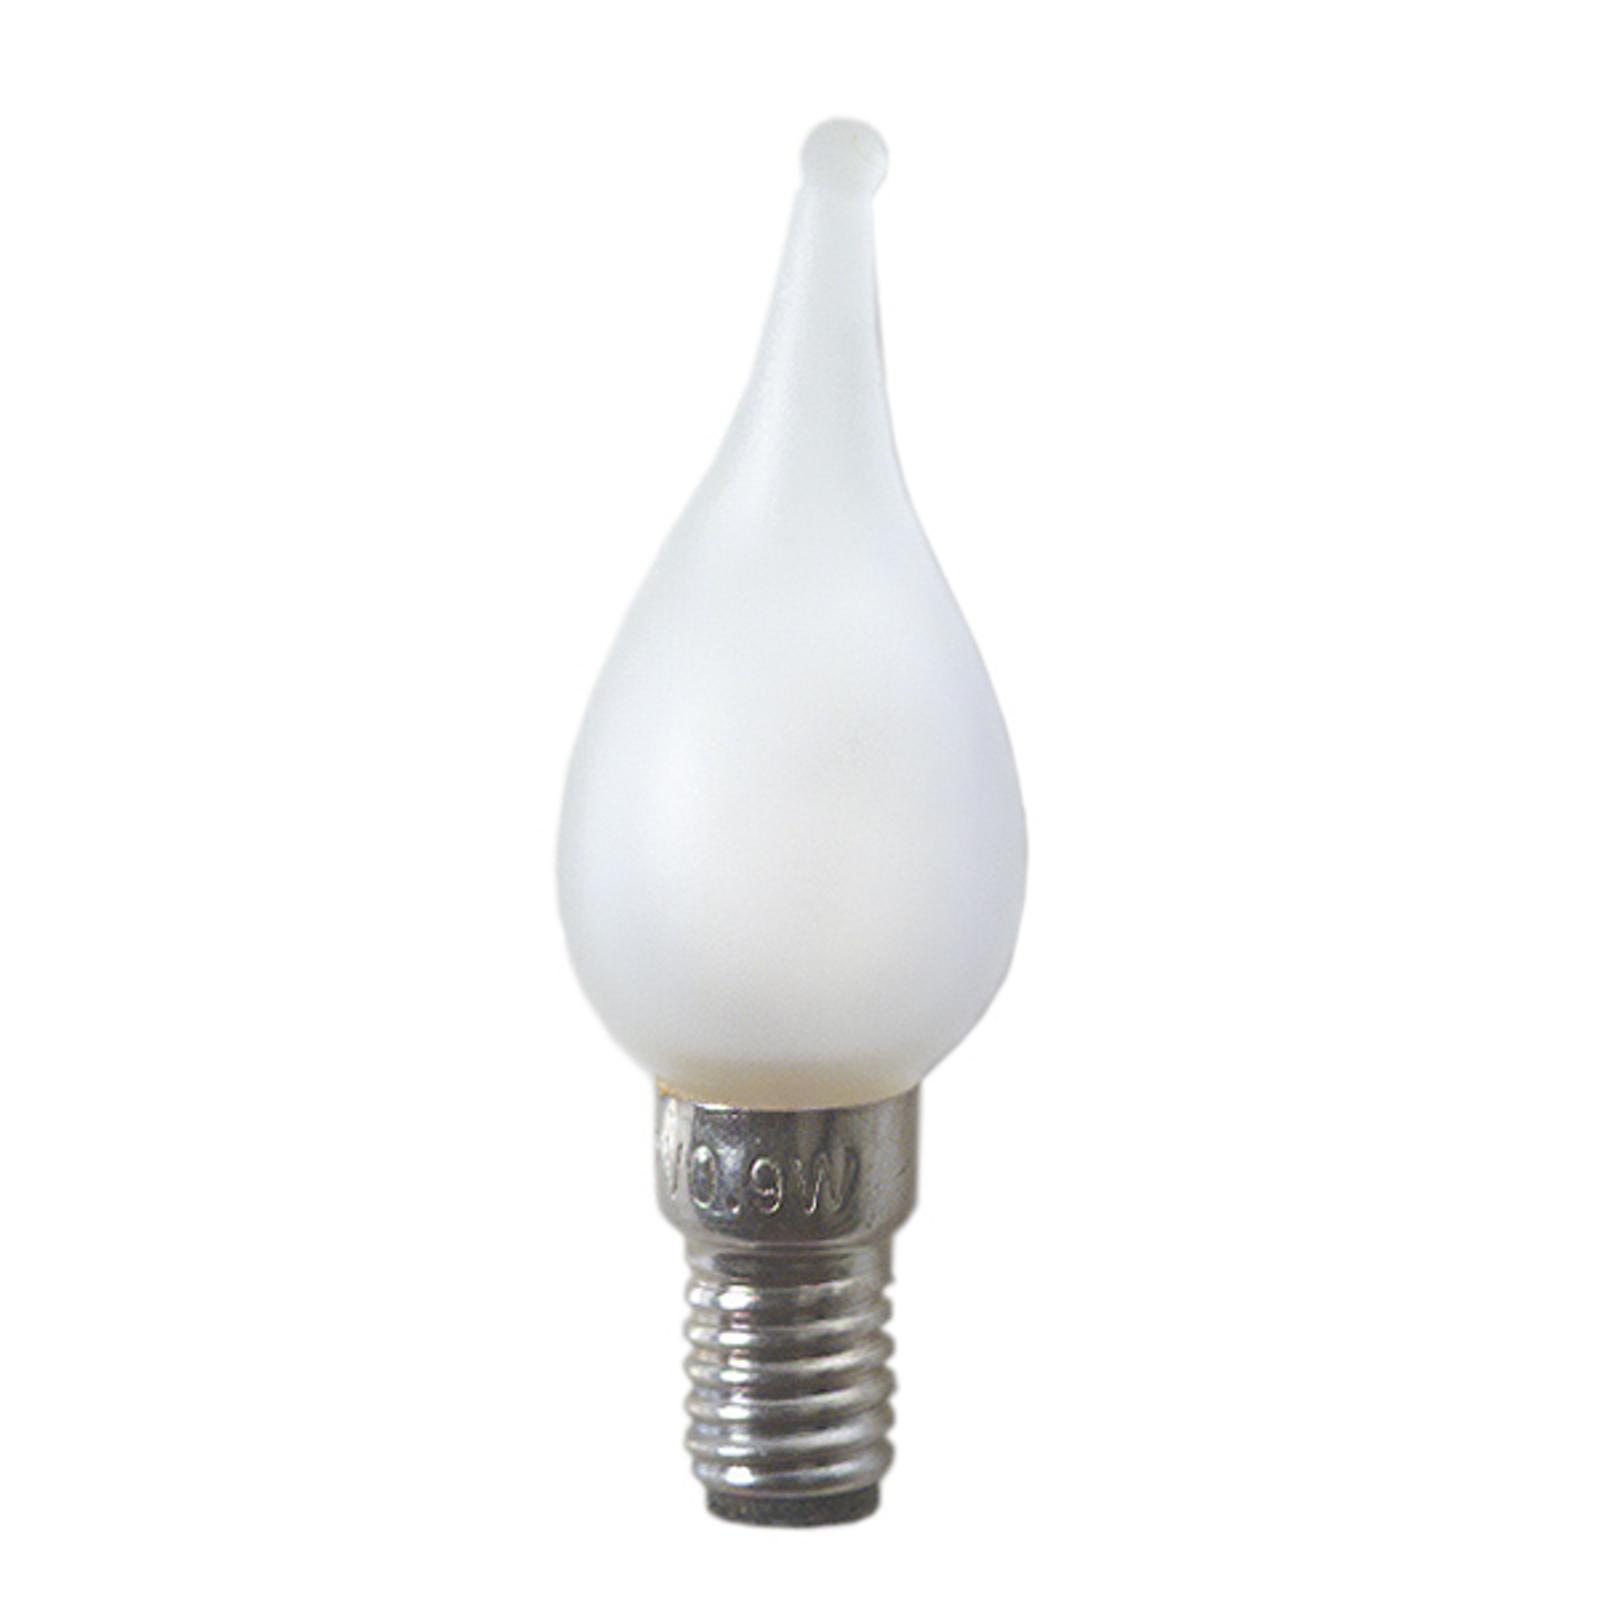 E6 0,9W 12V Ersatzlampen NV-Fensterleuchter 3er